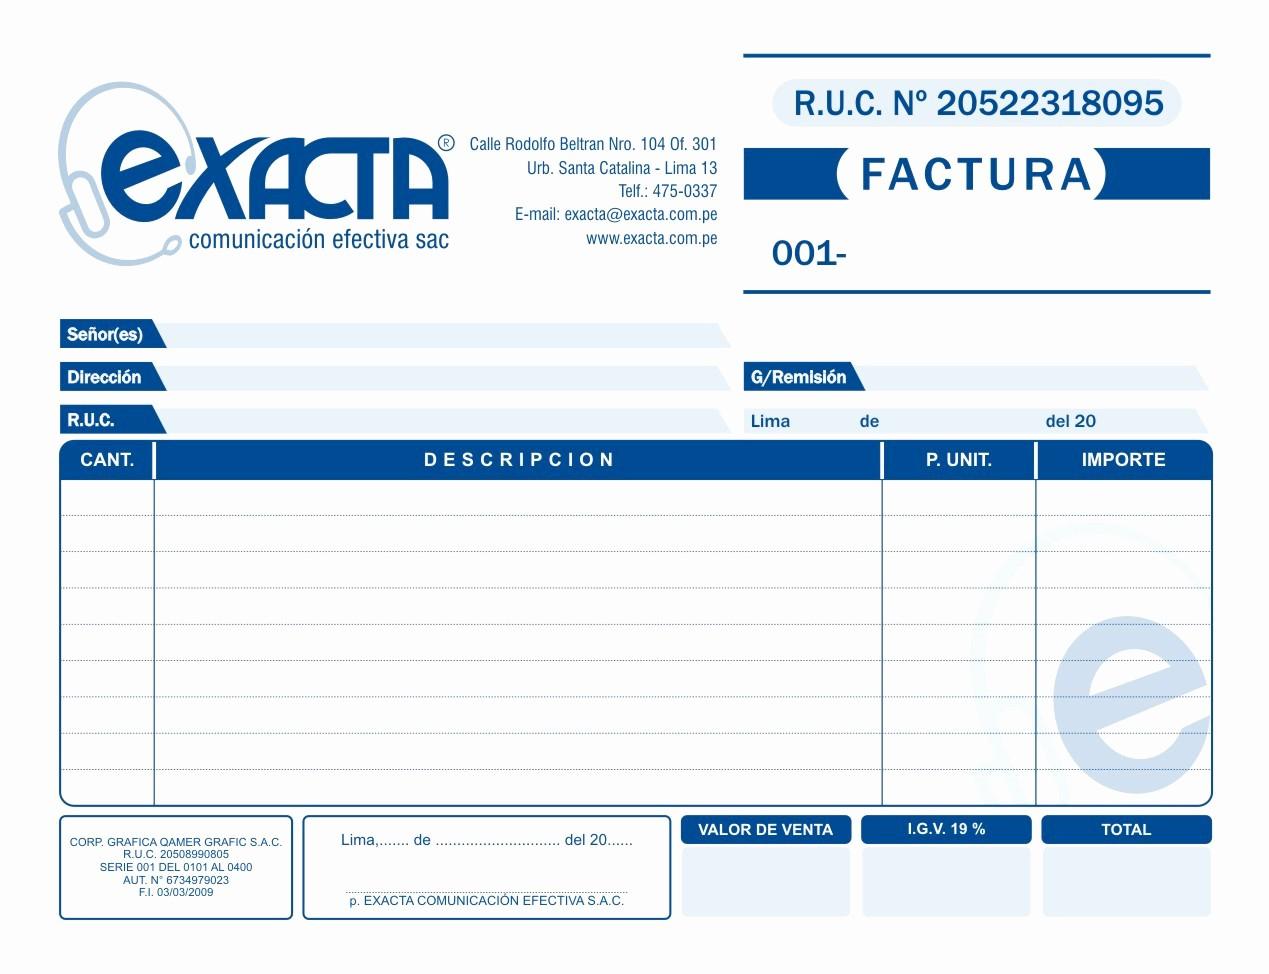 Formatos De Facturas En Excel Luxury 11 12 formatos De Facturas En Excel